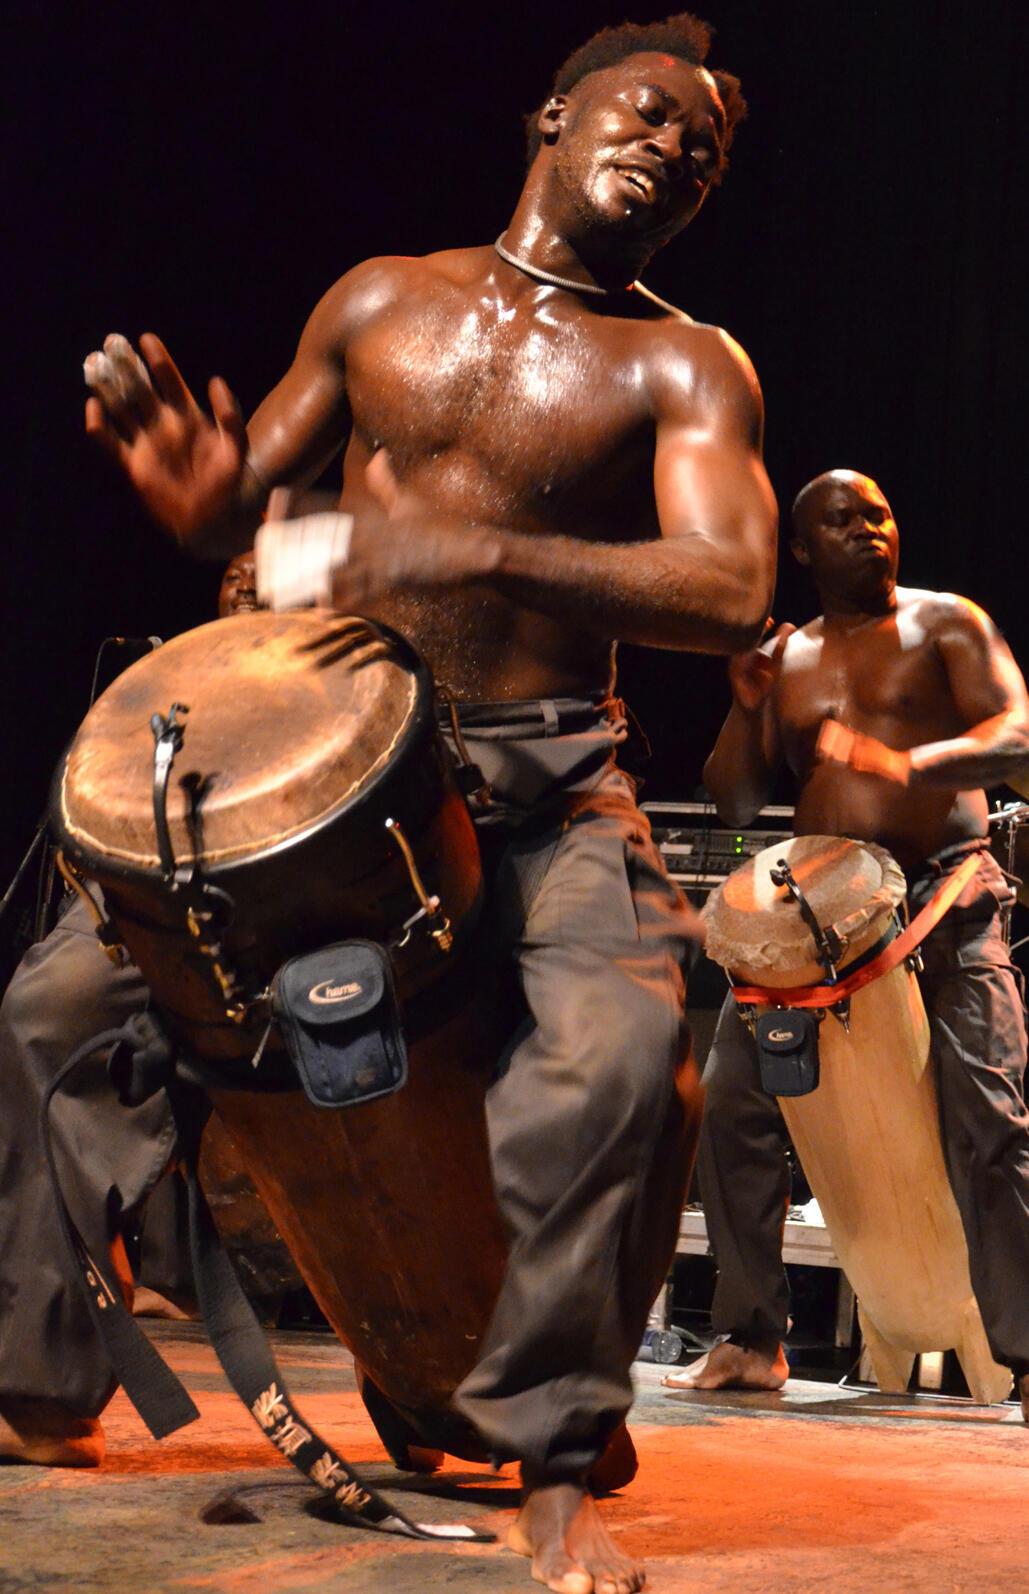 Un joueur de tambour fait danser les badauds en attendant le départ du carnaval.